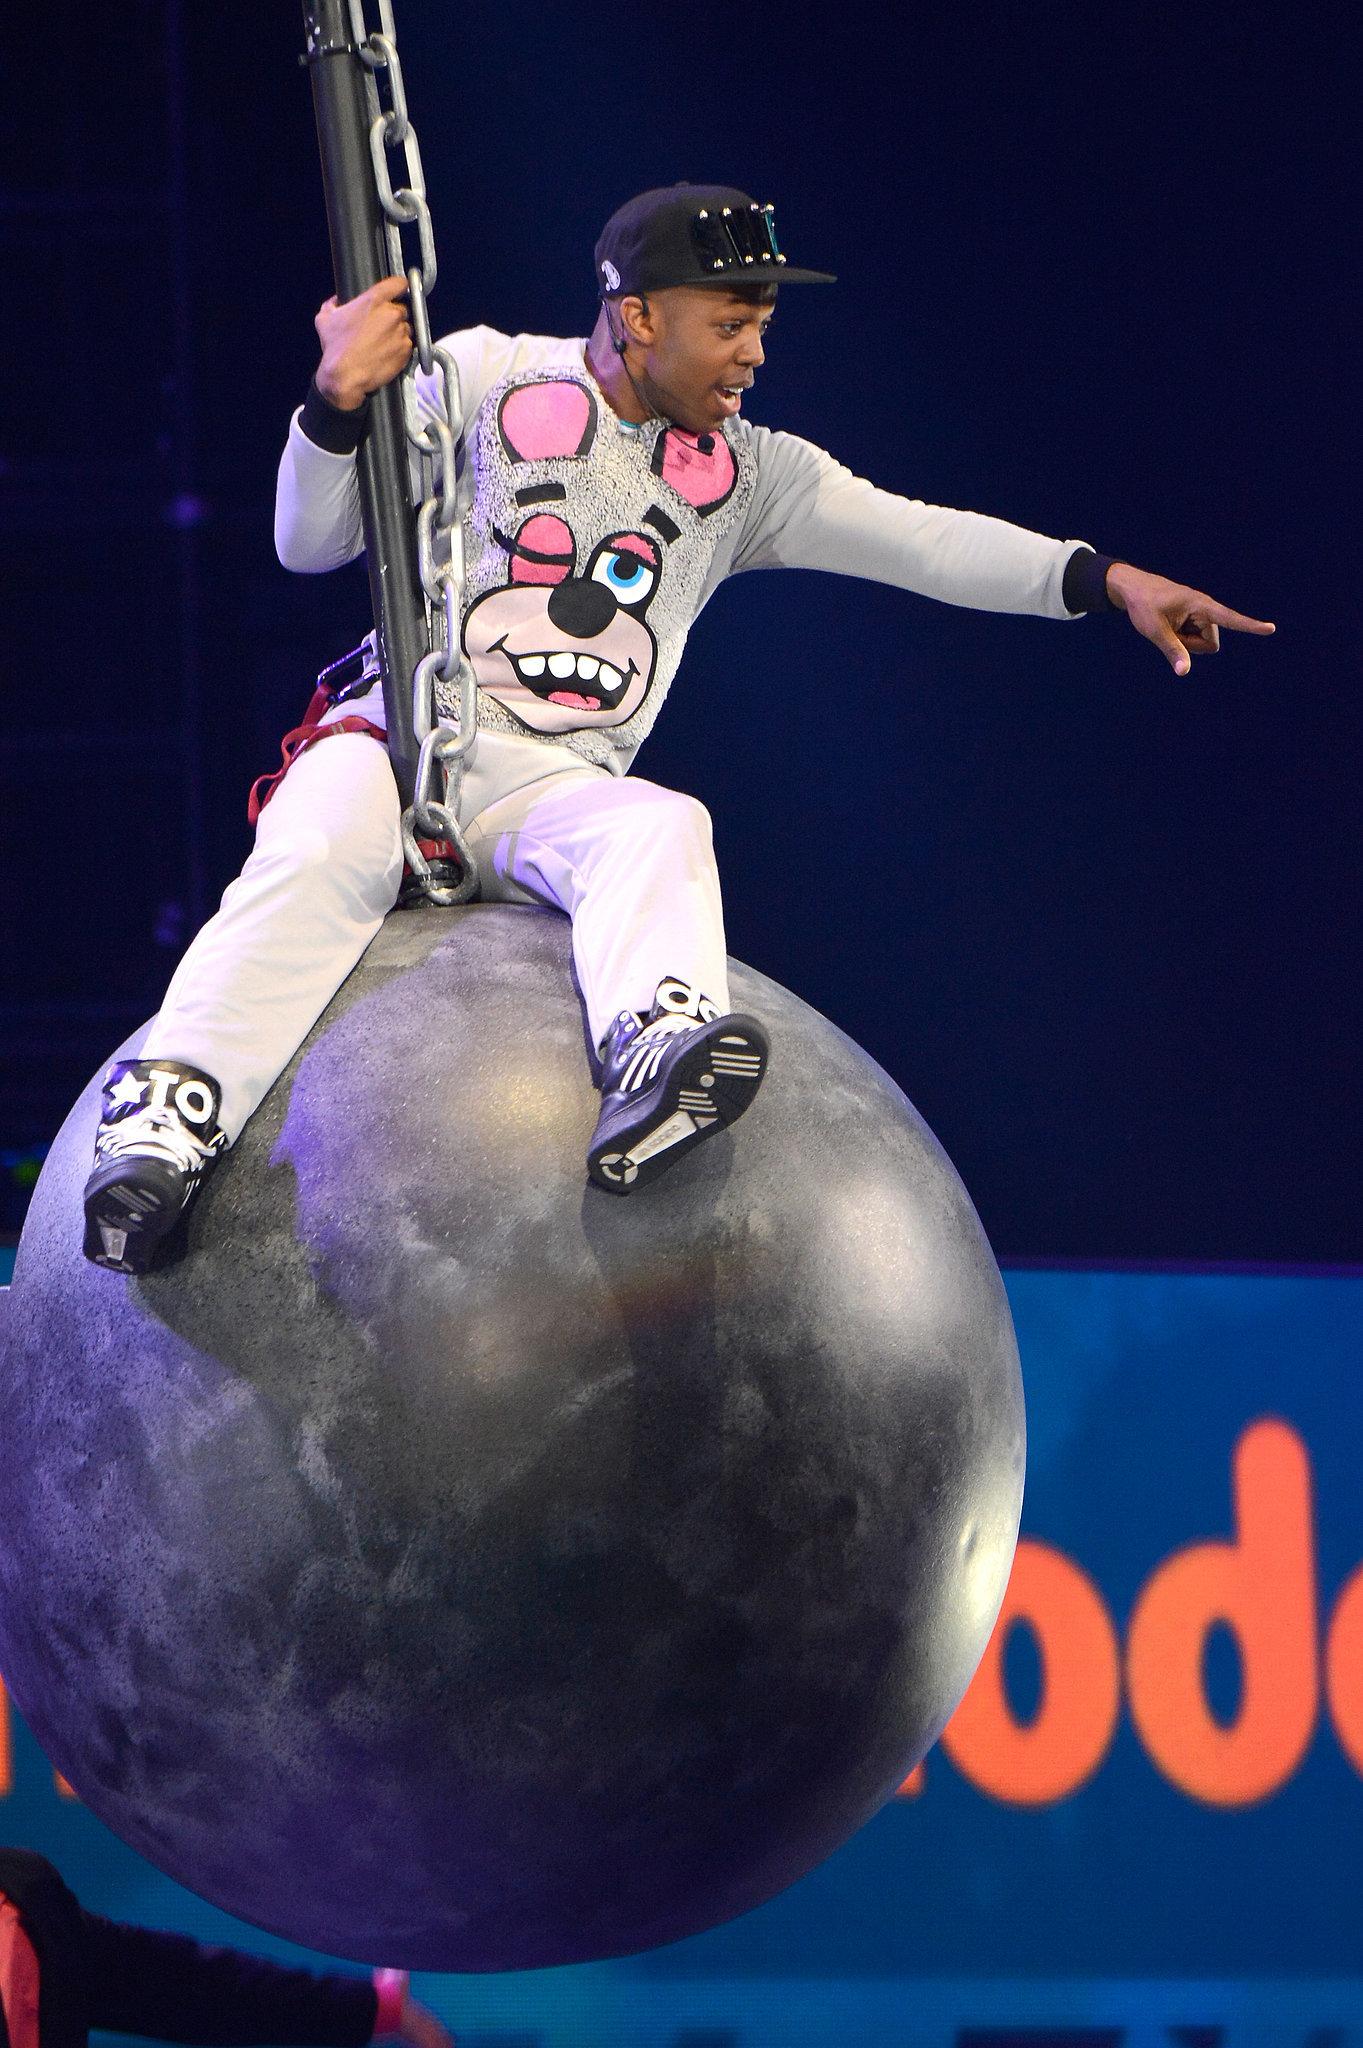 Stars Get in on the Nickelodeon Fun!